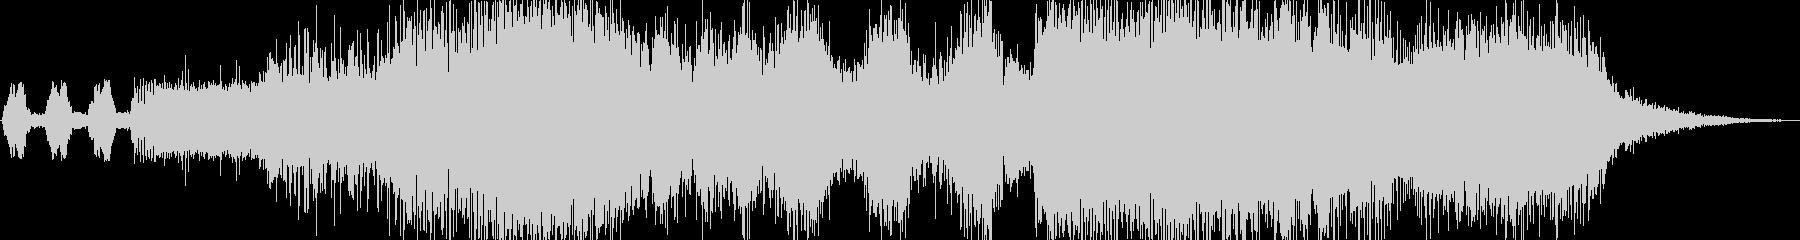 シンフォニック系ジングルの未再生の波形